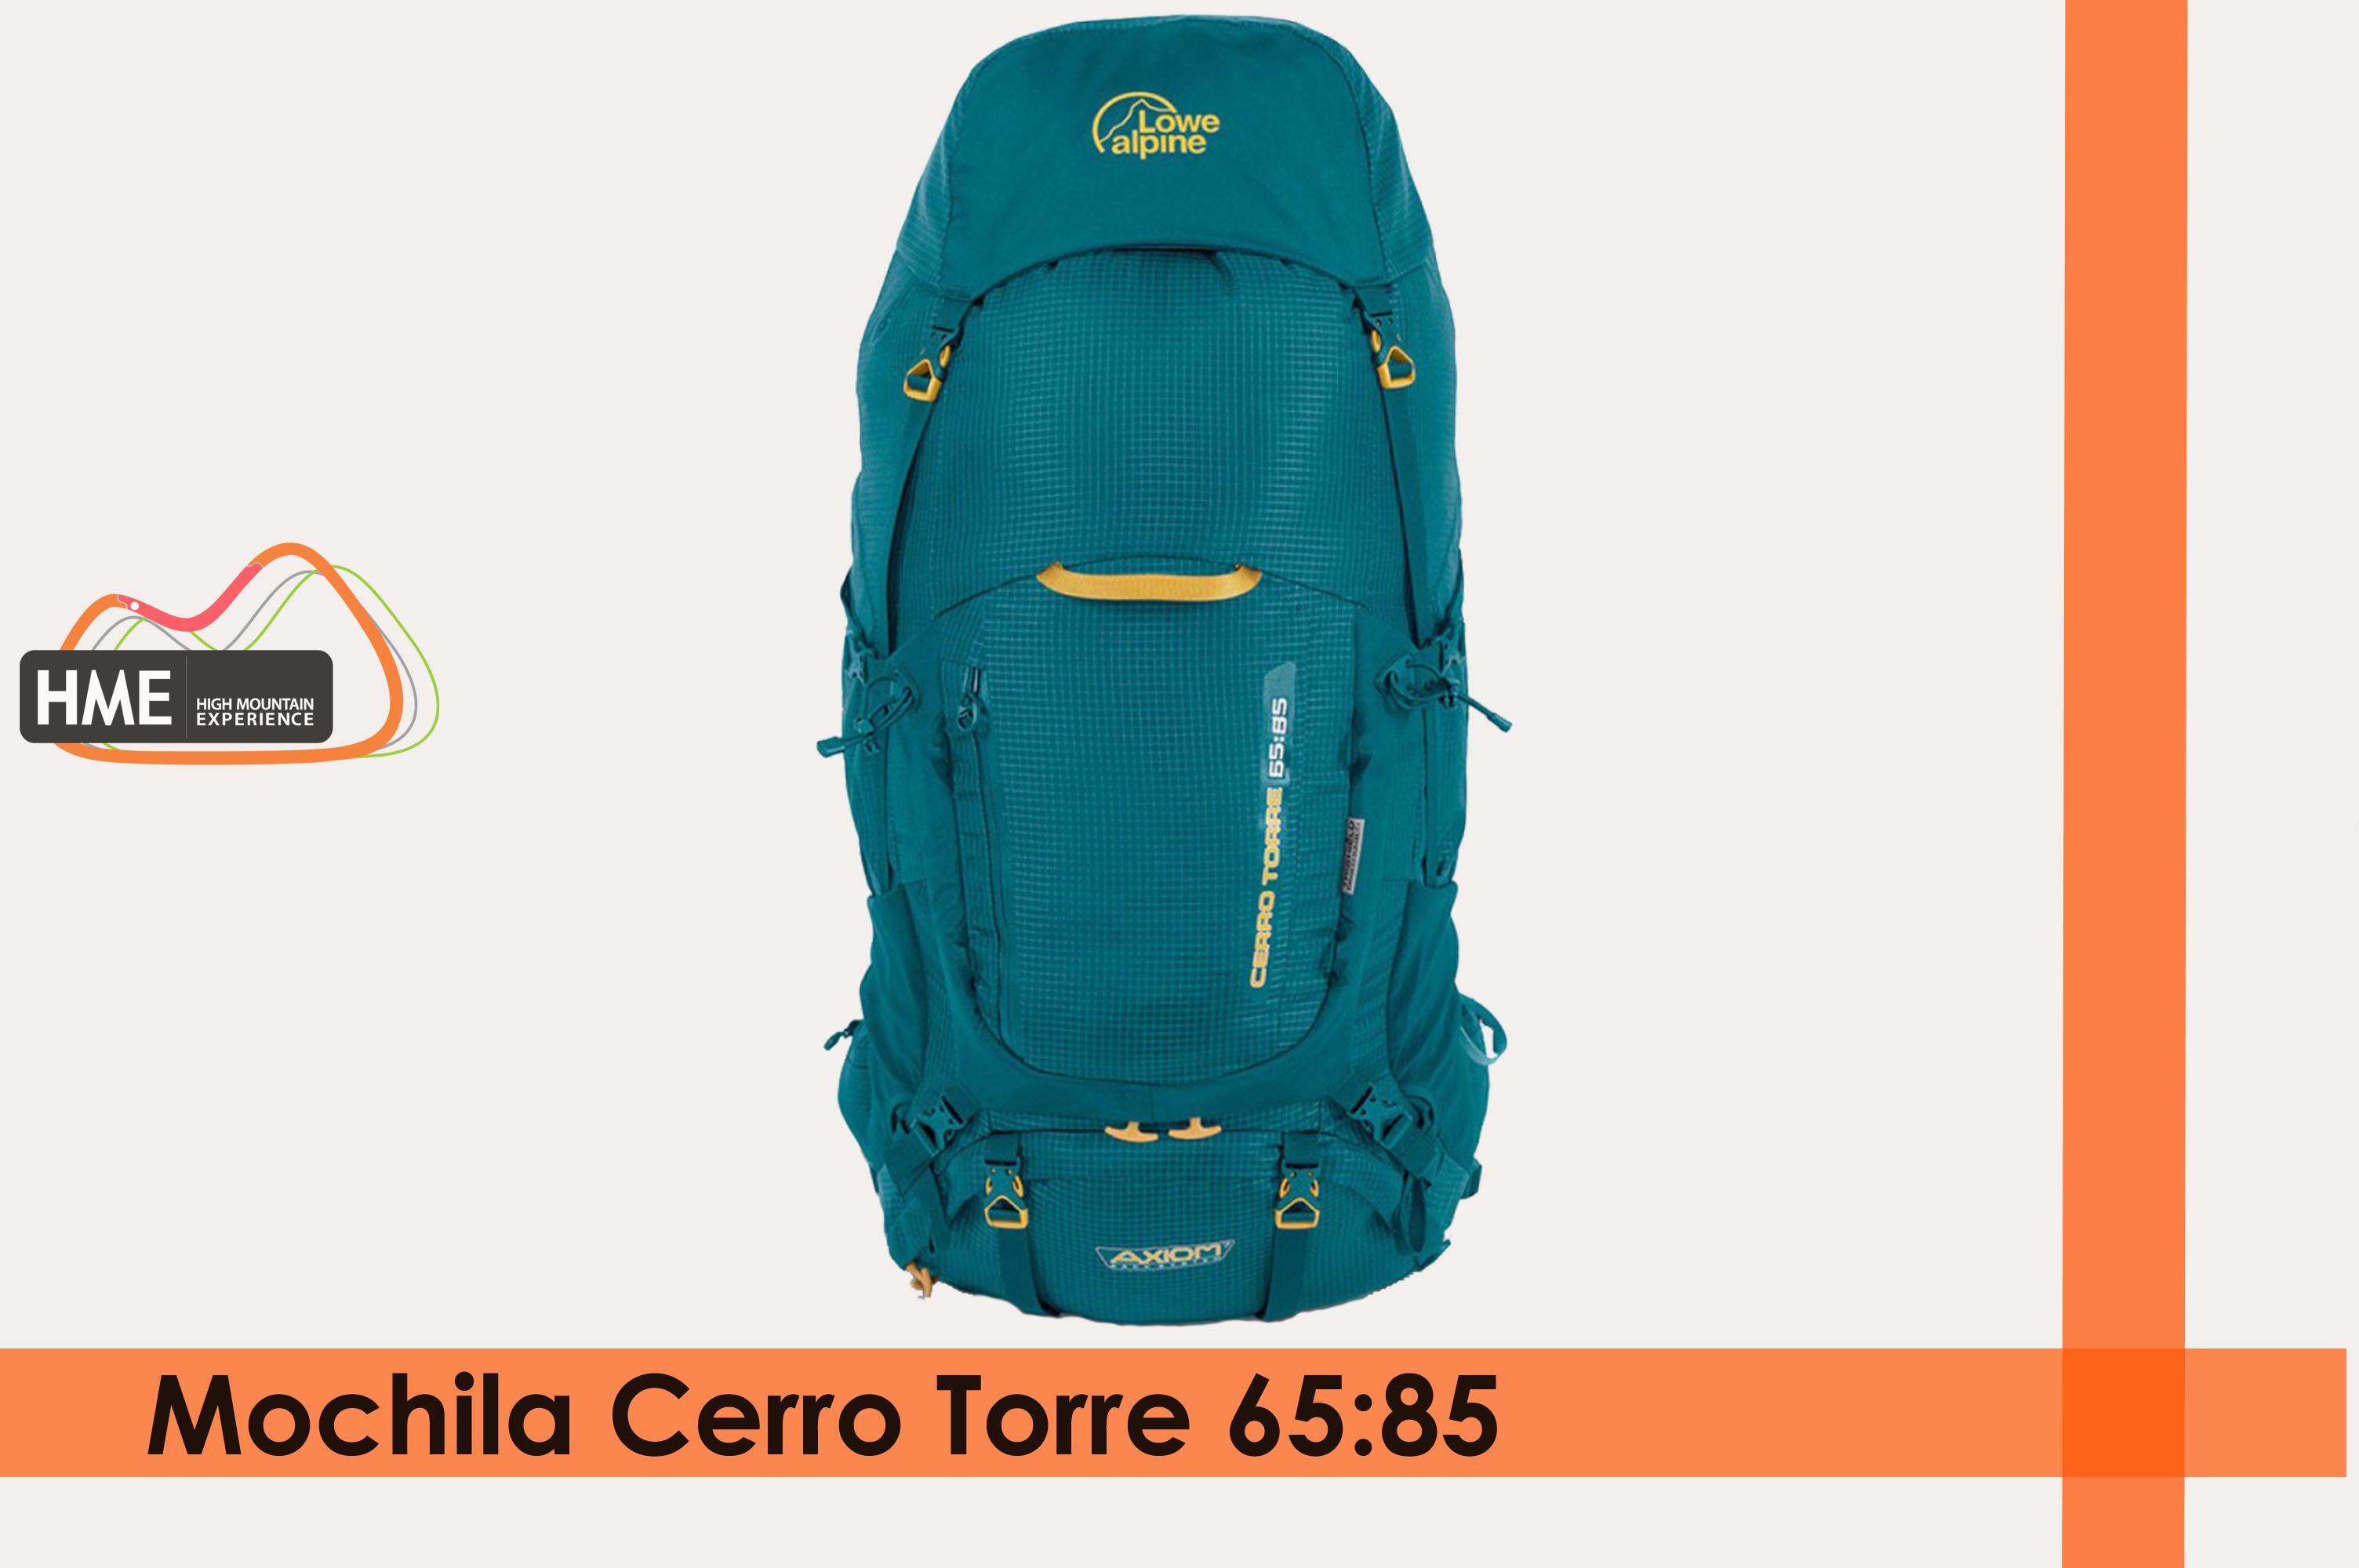 MOCHILA CERRO TORRE 65-85